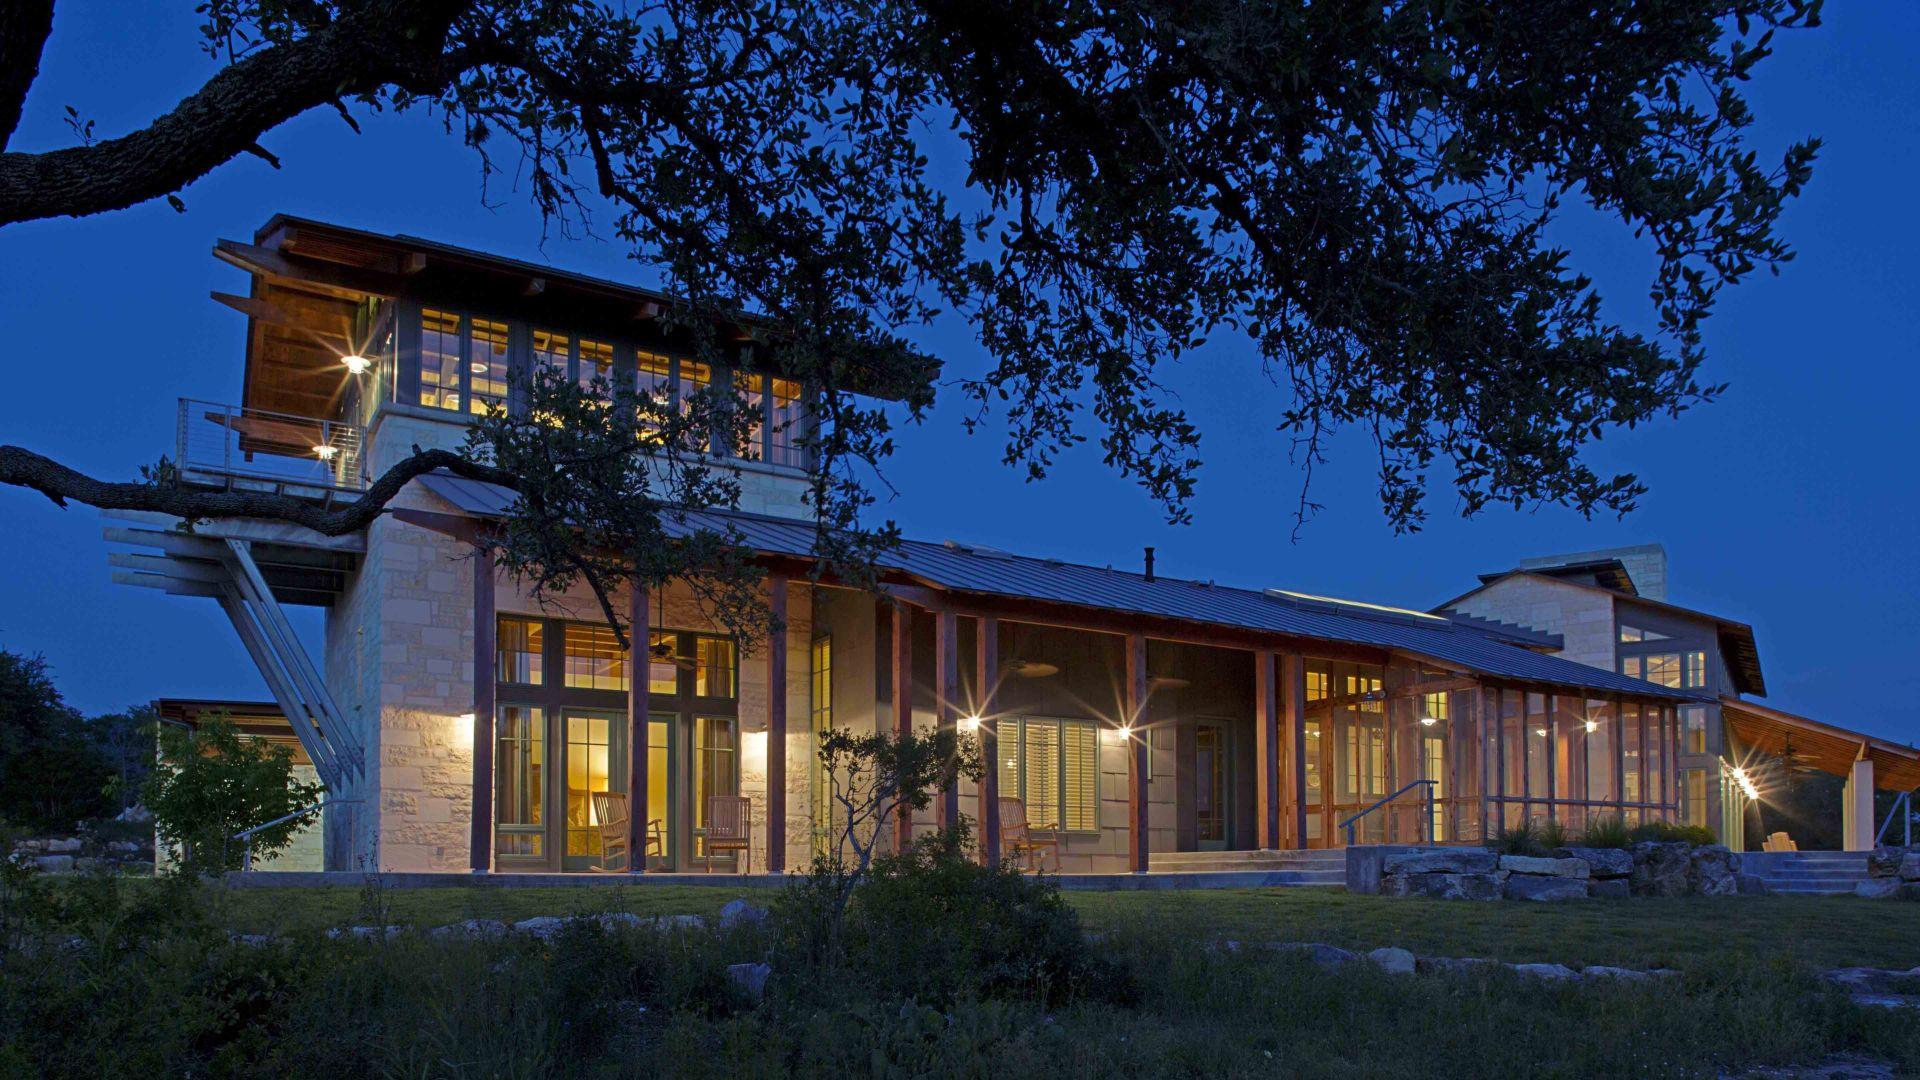 Pedernales River Residence, Blanco County, TX   Organic | Contextual | Vernacular Materials